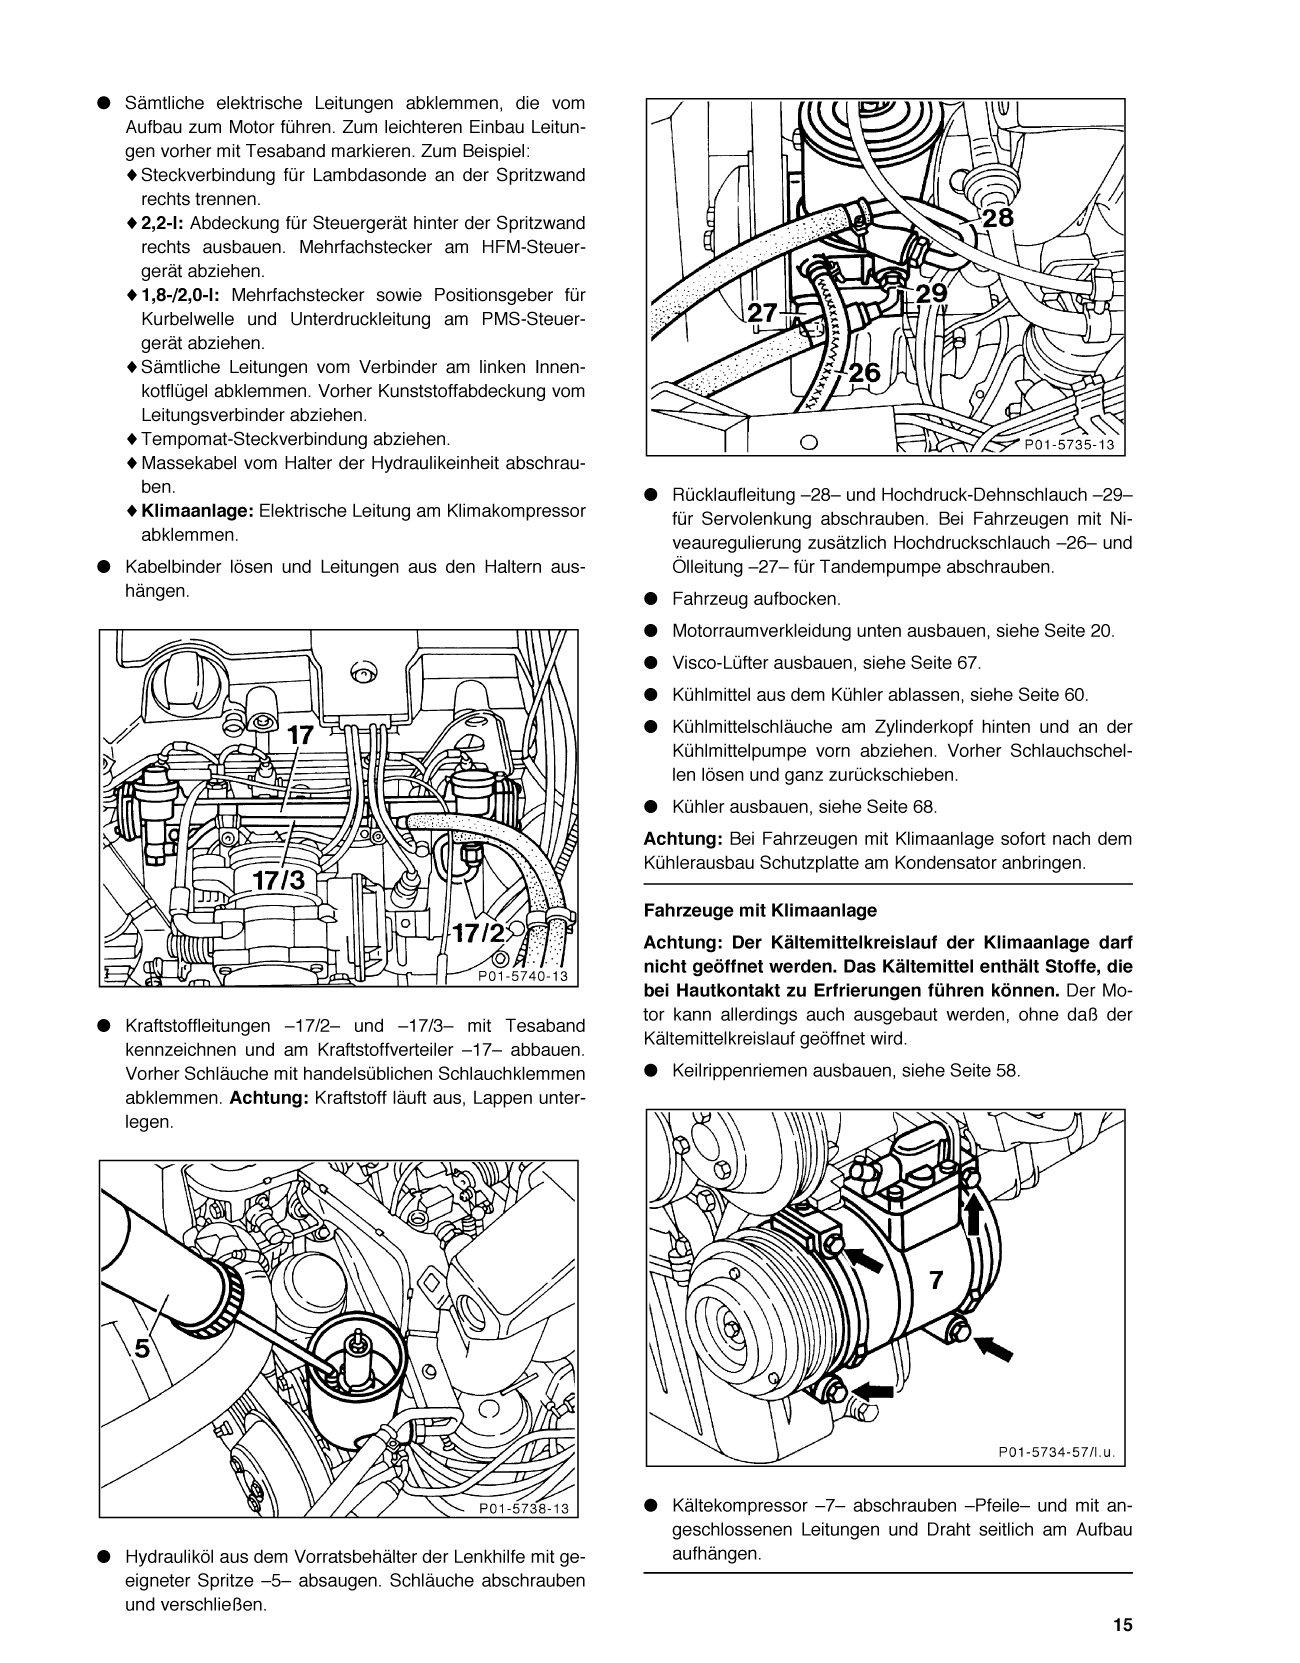 Ausgezeichnet Klimaanlagen Kondensator Schaltplan Galerie ...